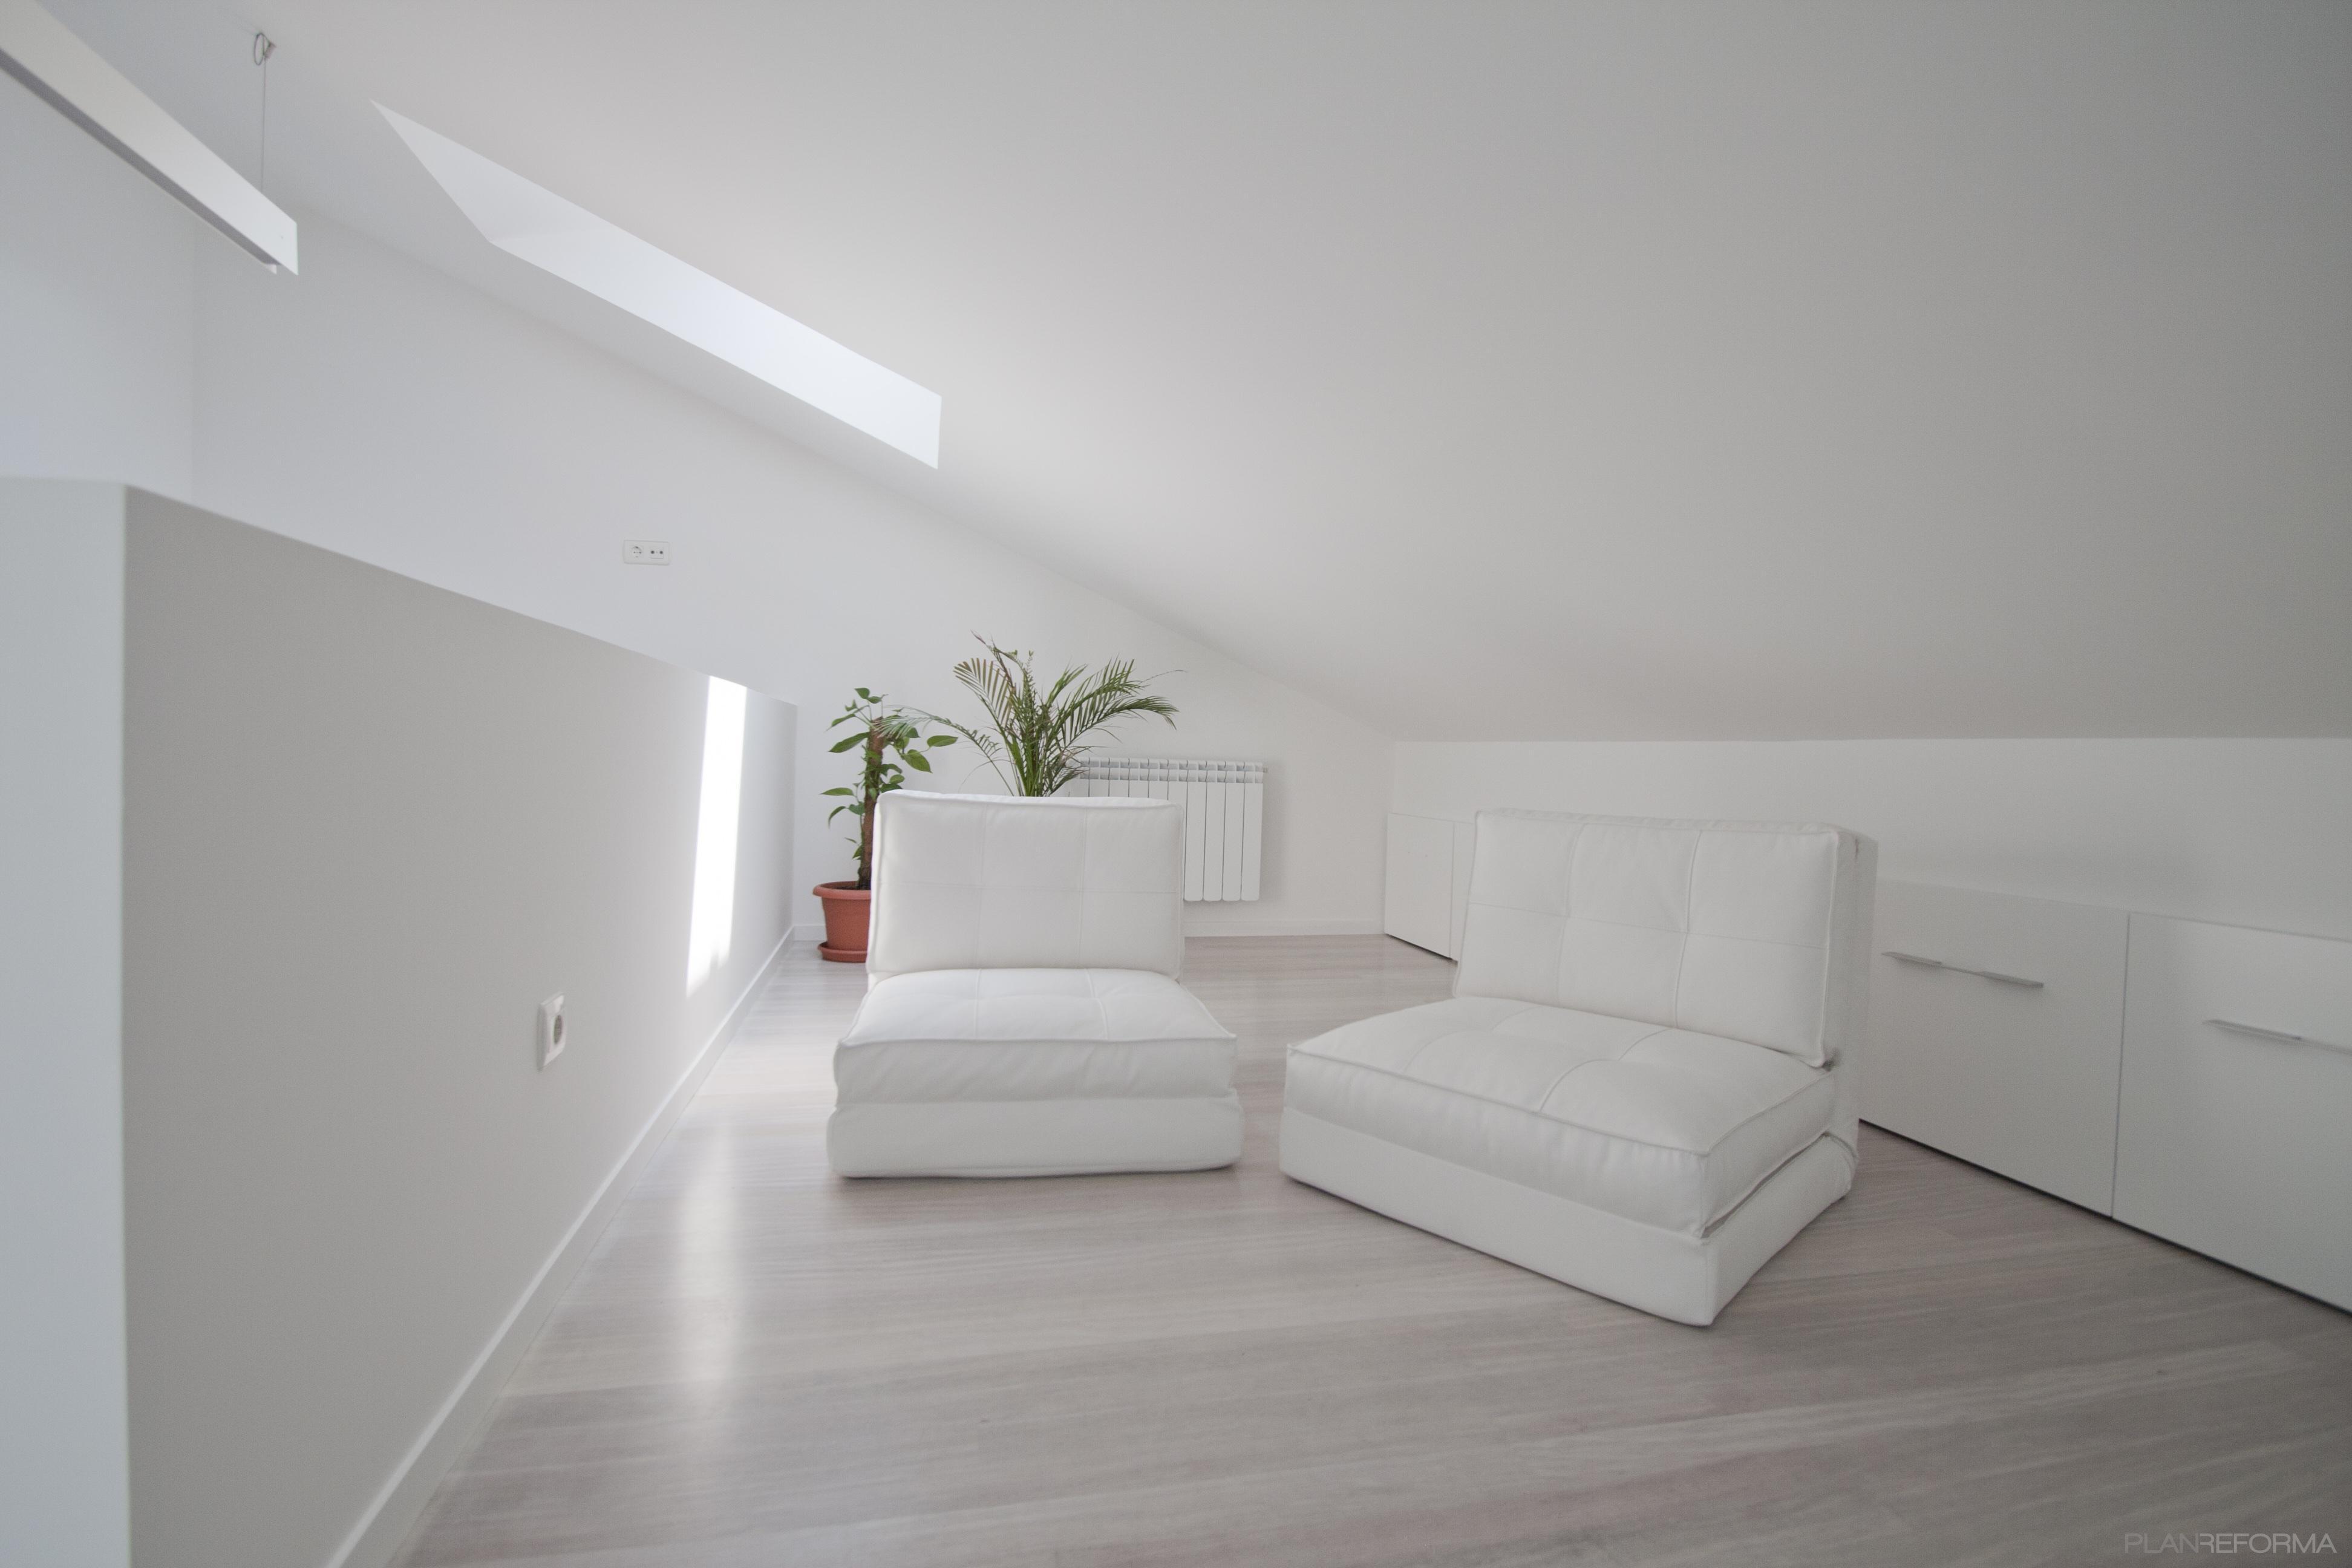 Estudio salon loft estilo moderno color blanco gris - Salon moderno blanco ...